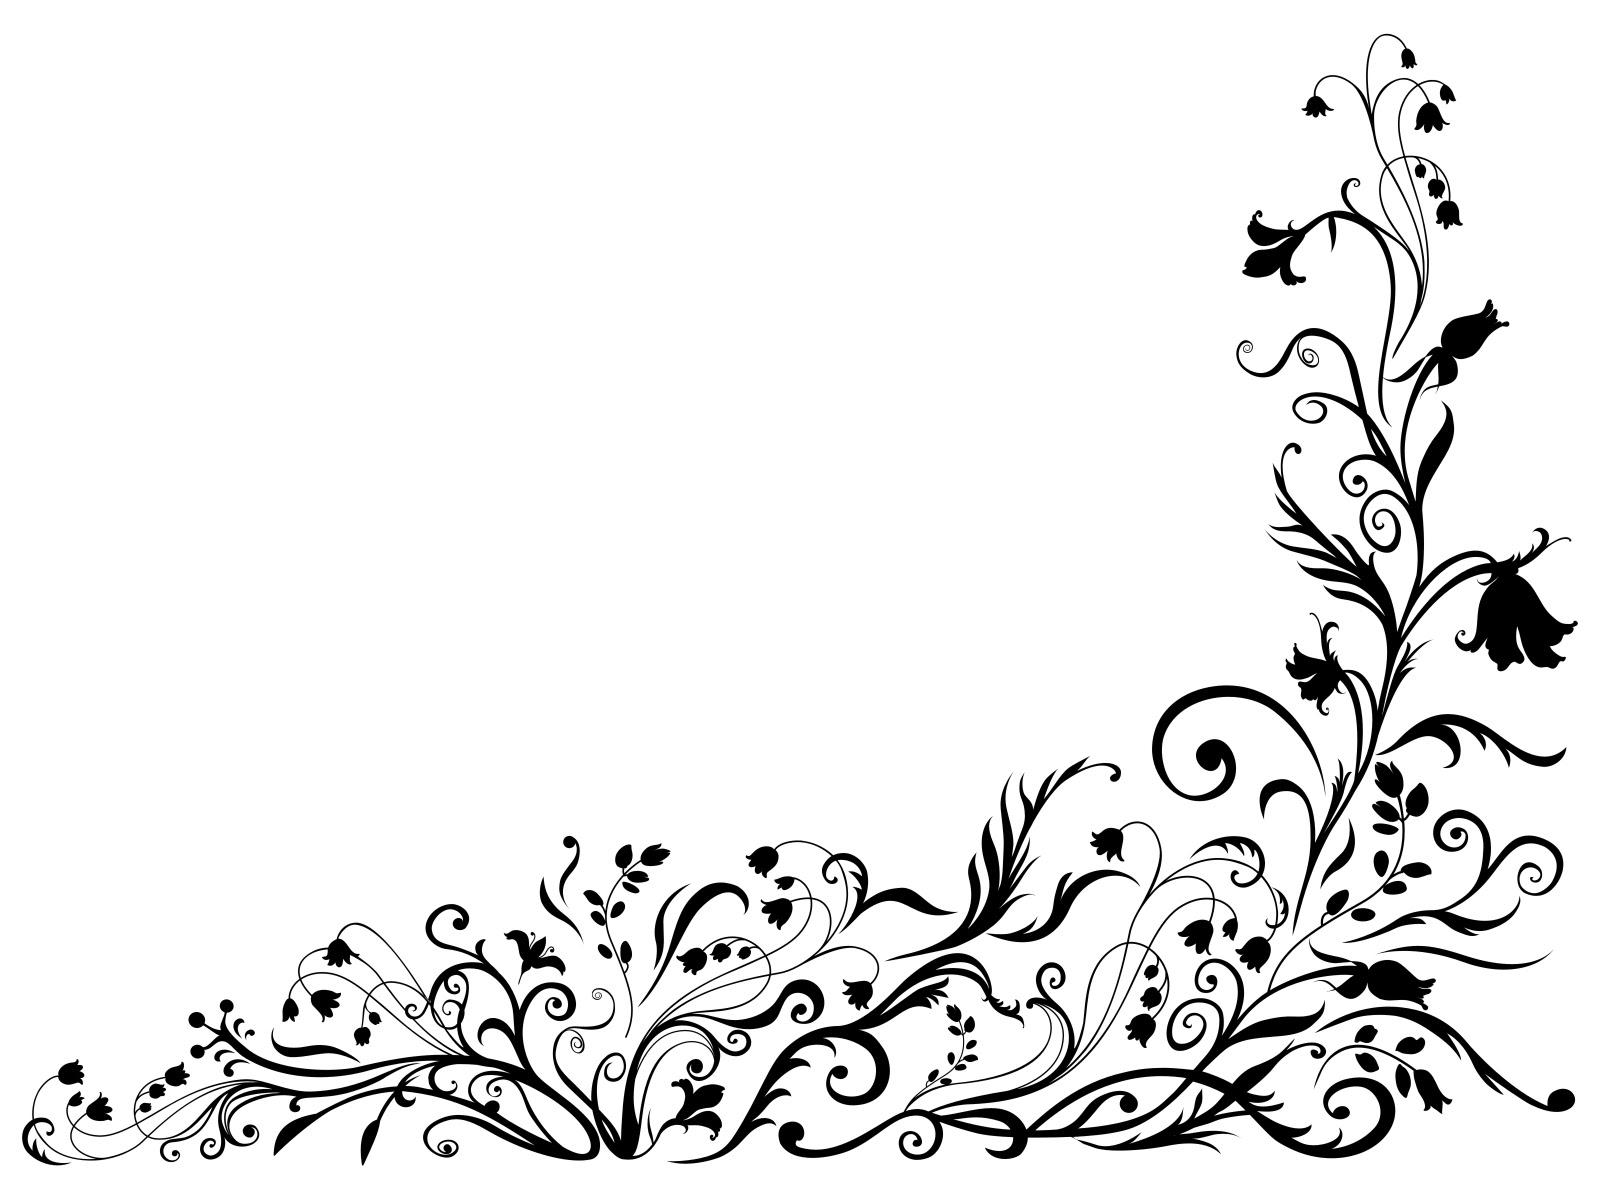 desain baji batik cdr greenwaydm greenwaydm